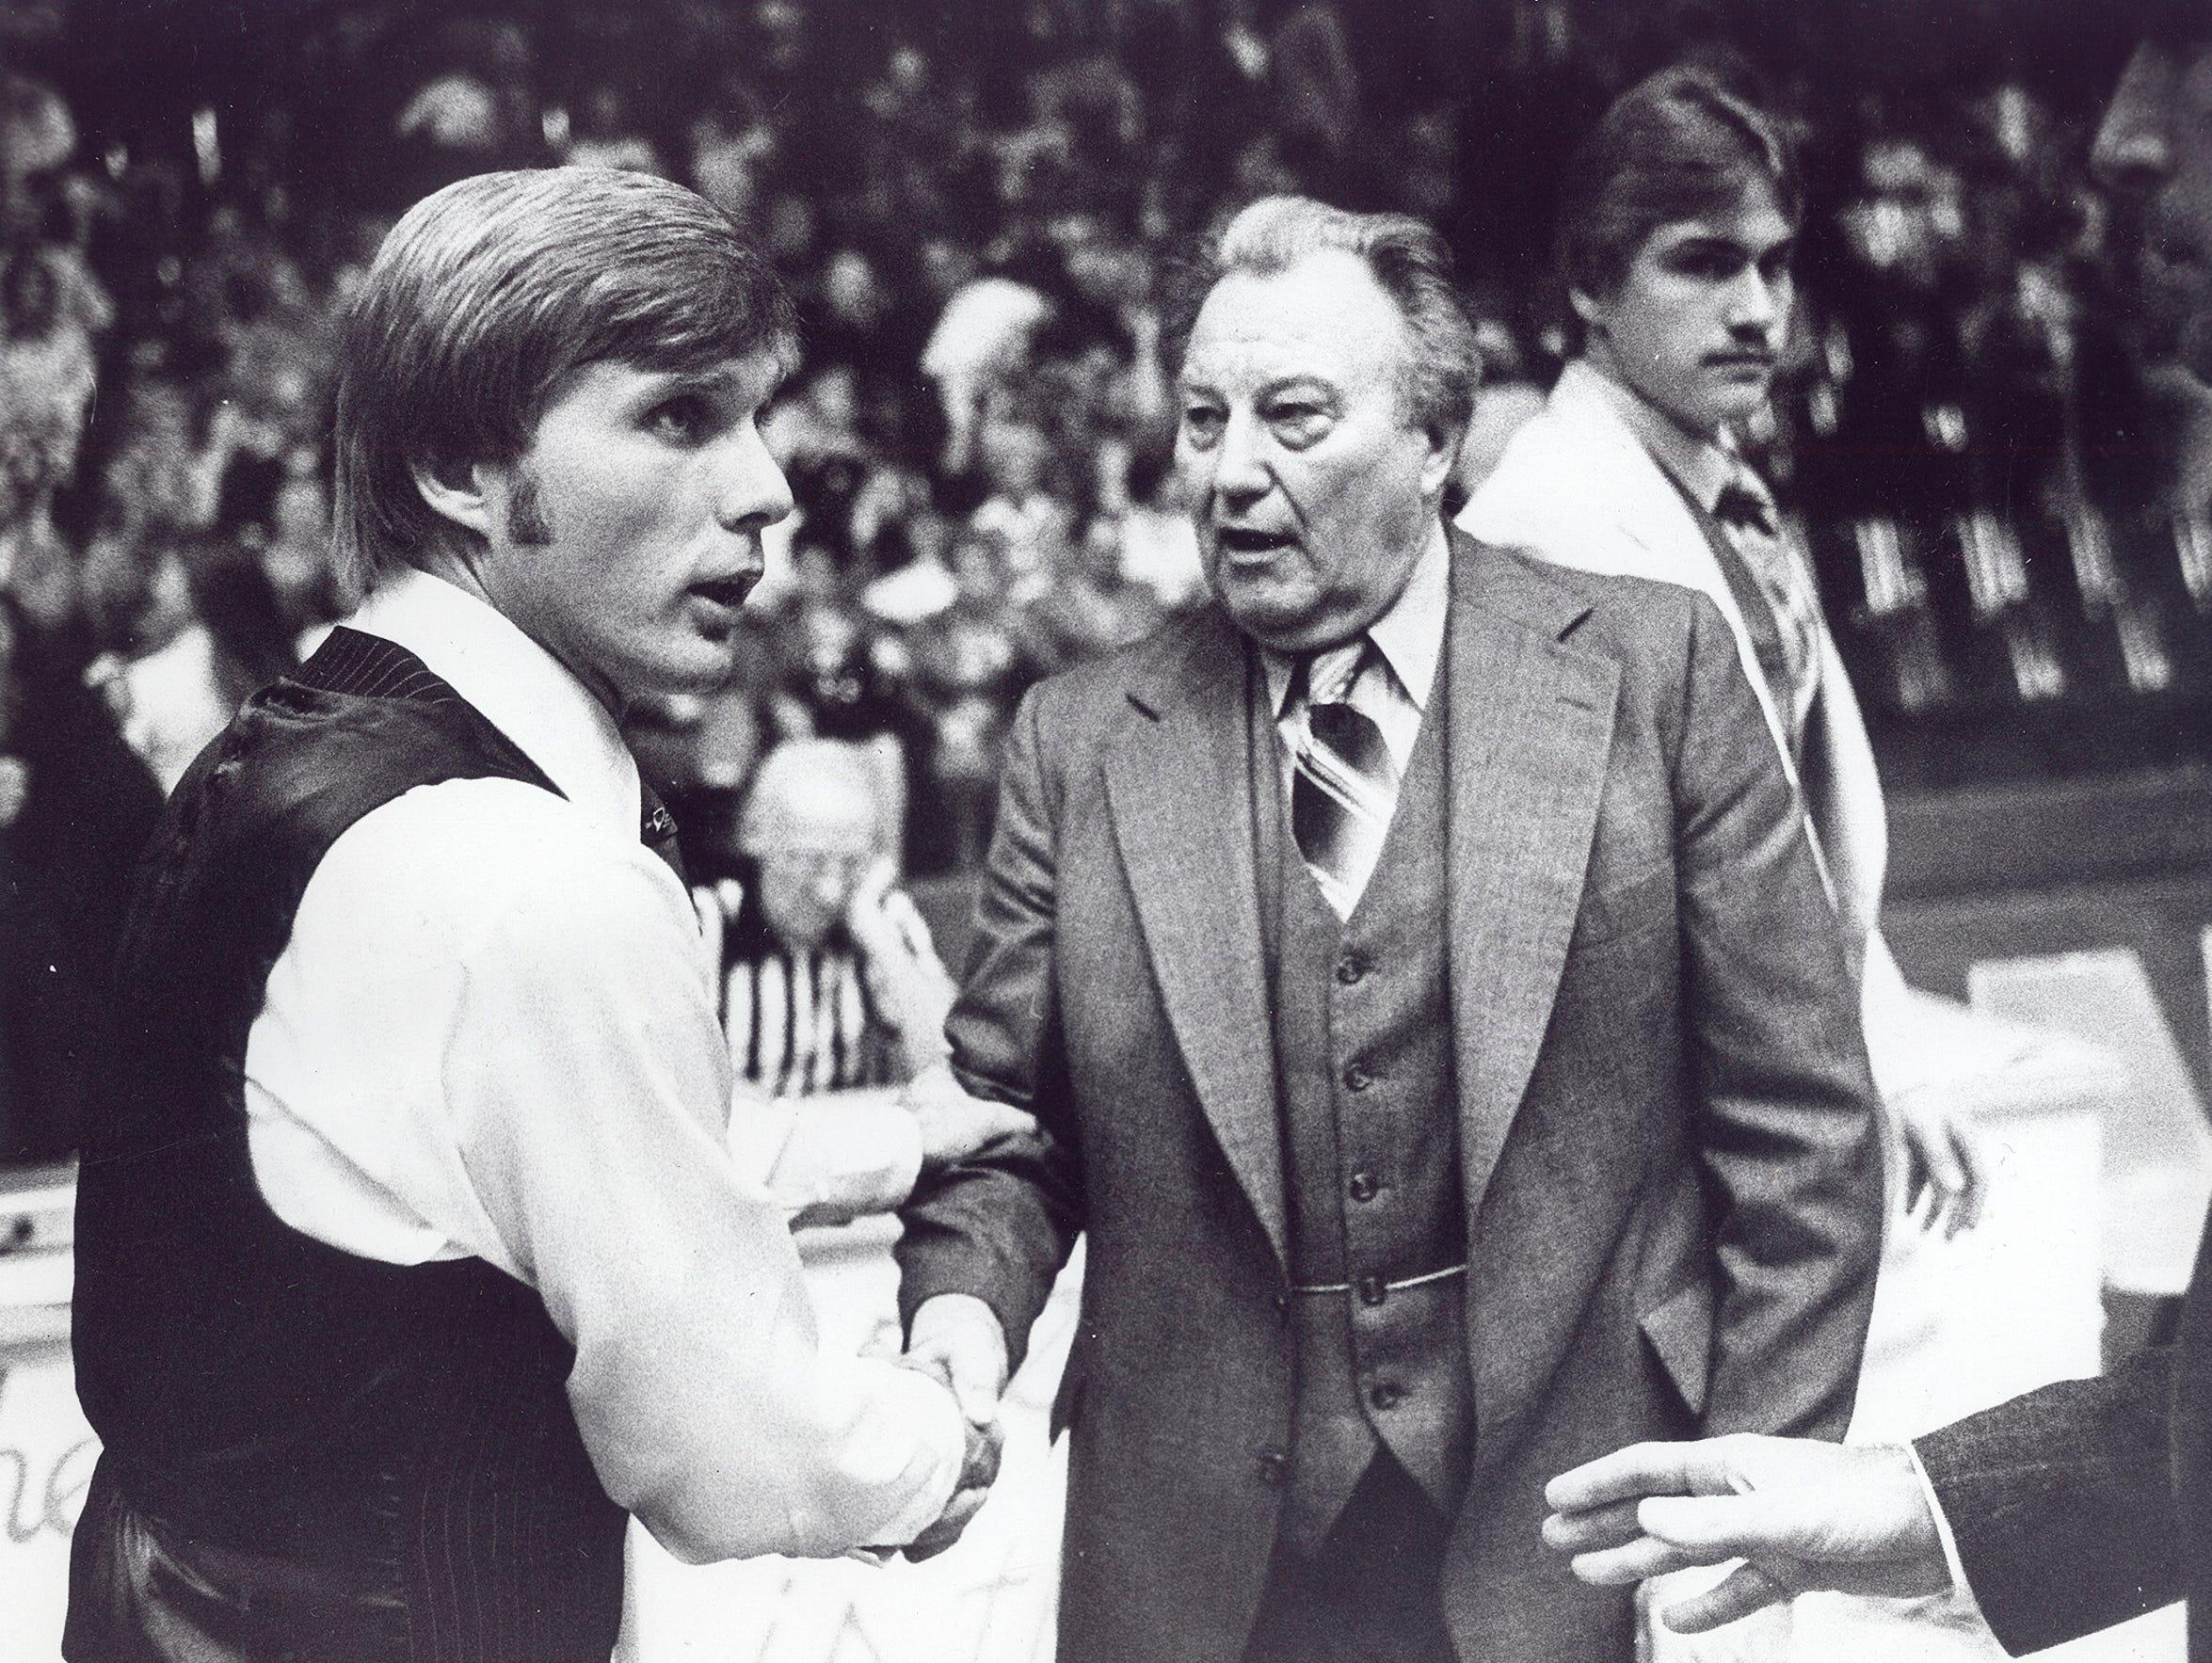 University of Evansville 1978-79 head coach Dick Walters